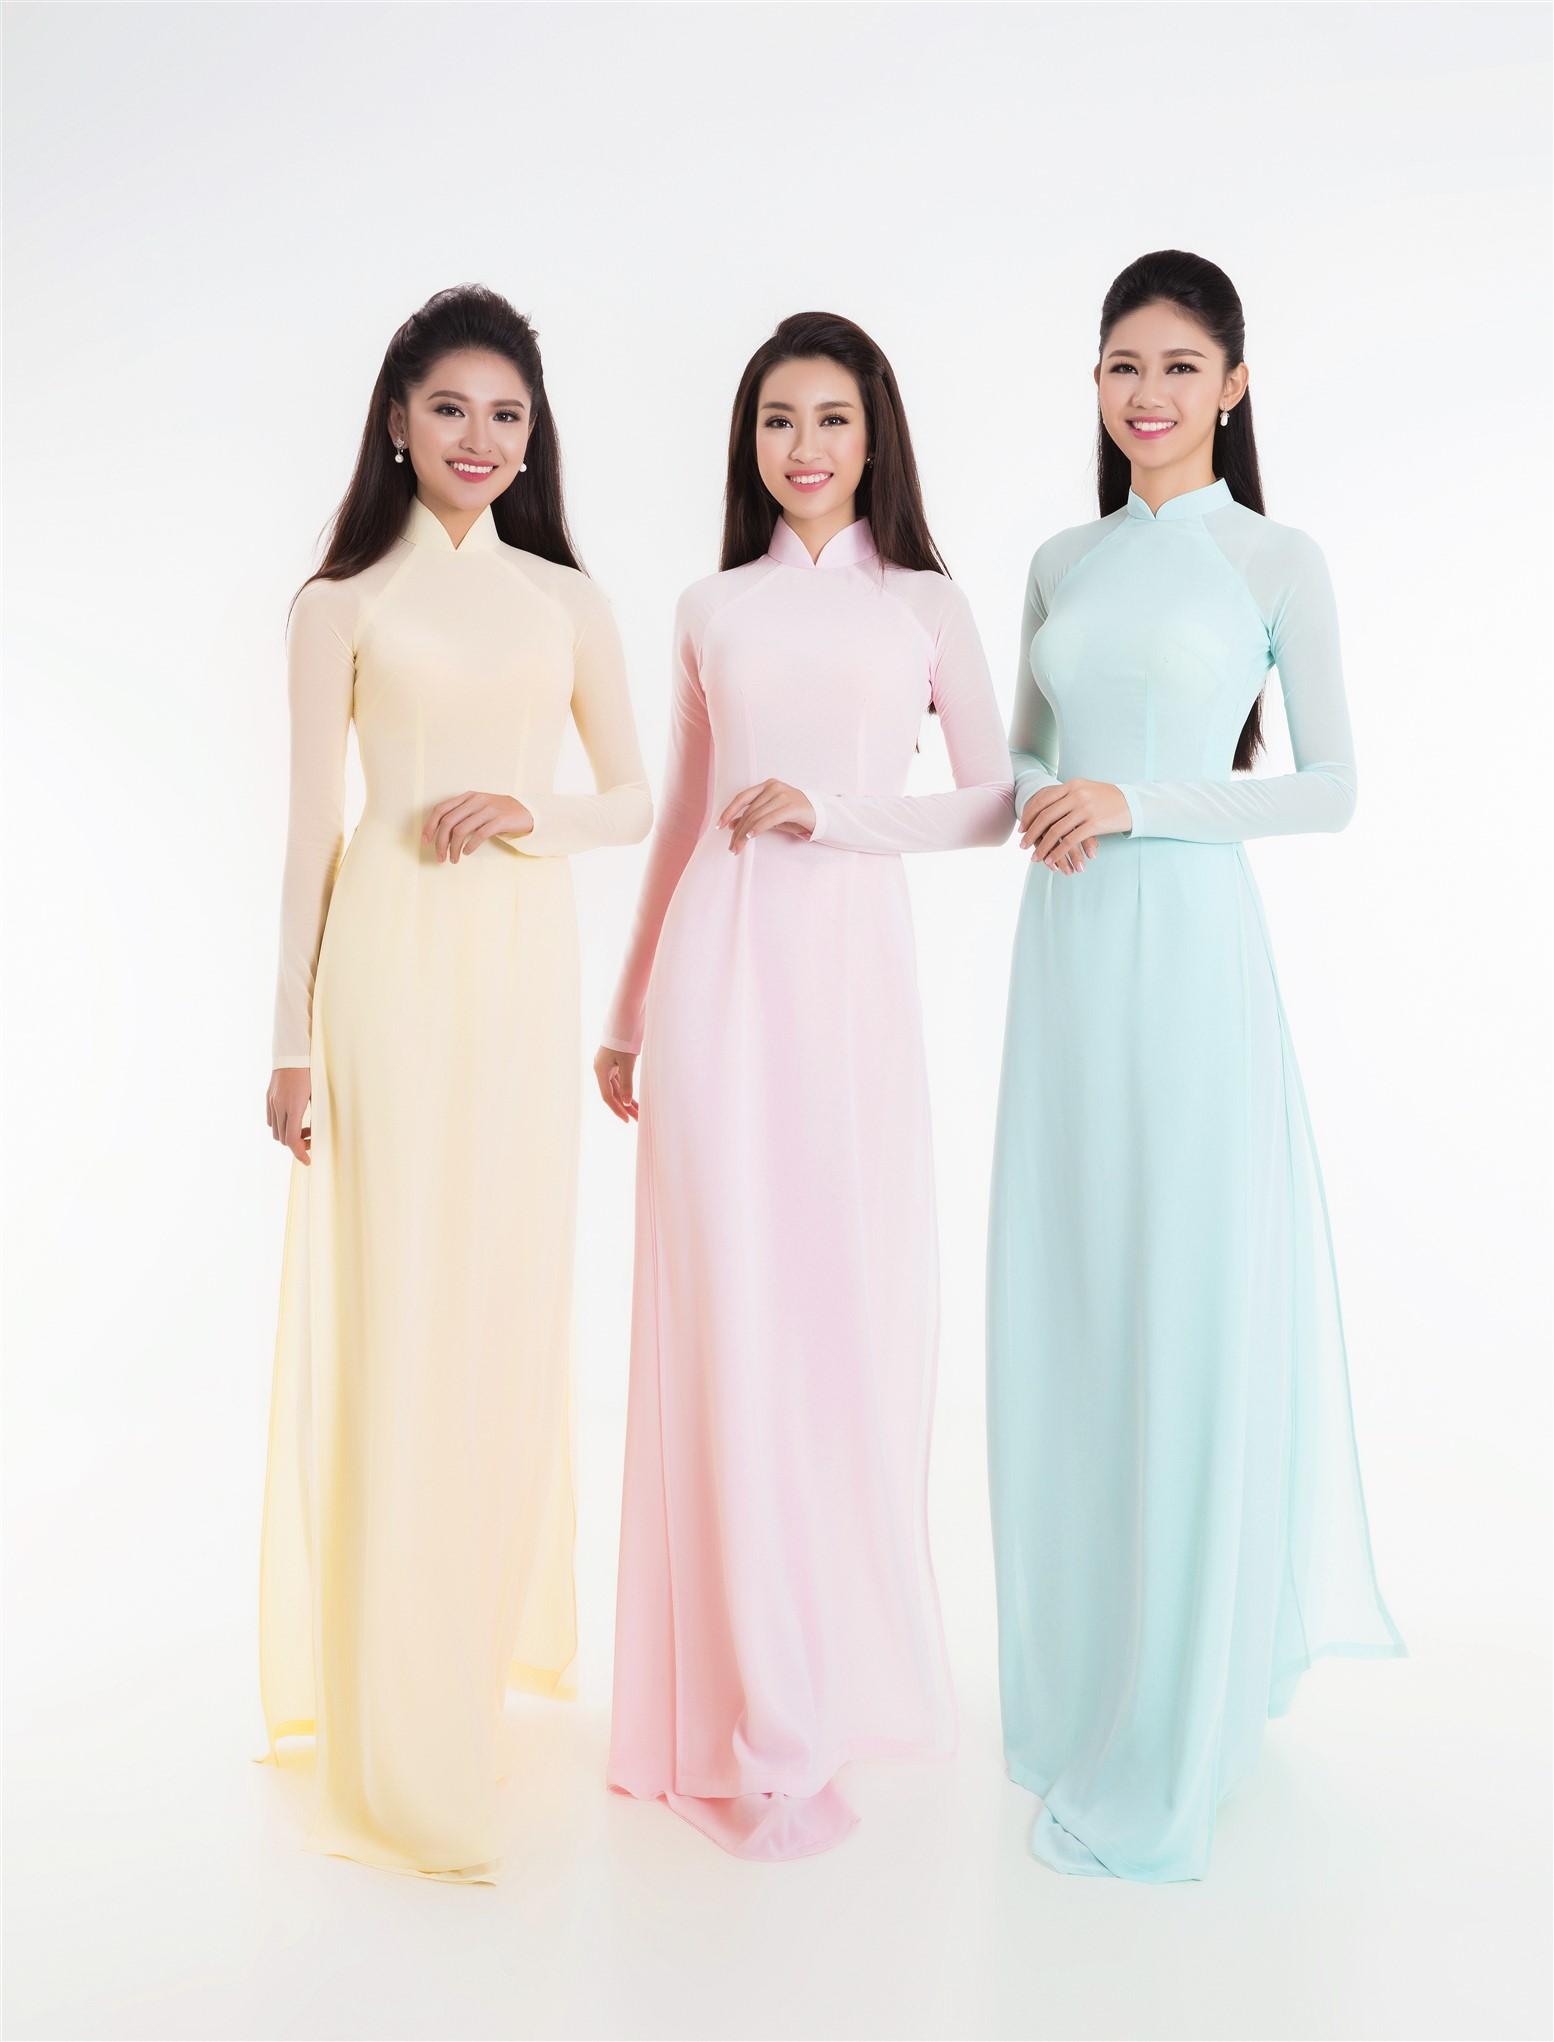 Tân Hoa hậu Đỗ Mỹ Linh và hai Á hậu đọ sắc trong tà áo dài 1